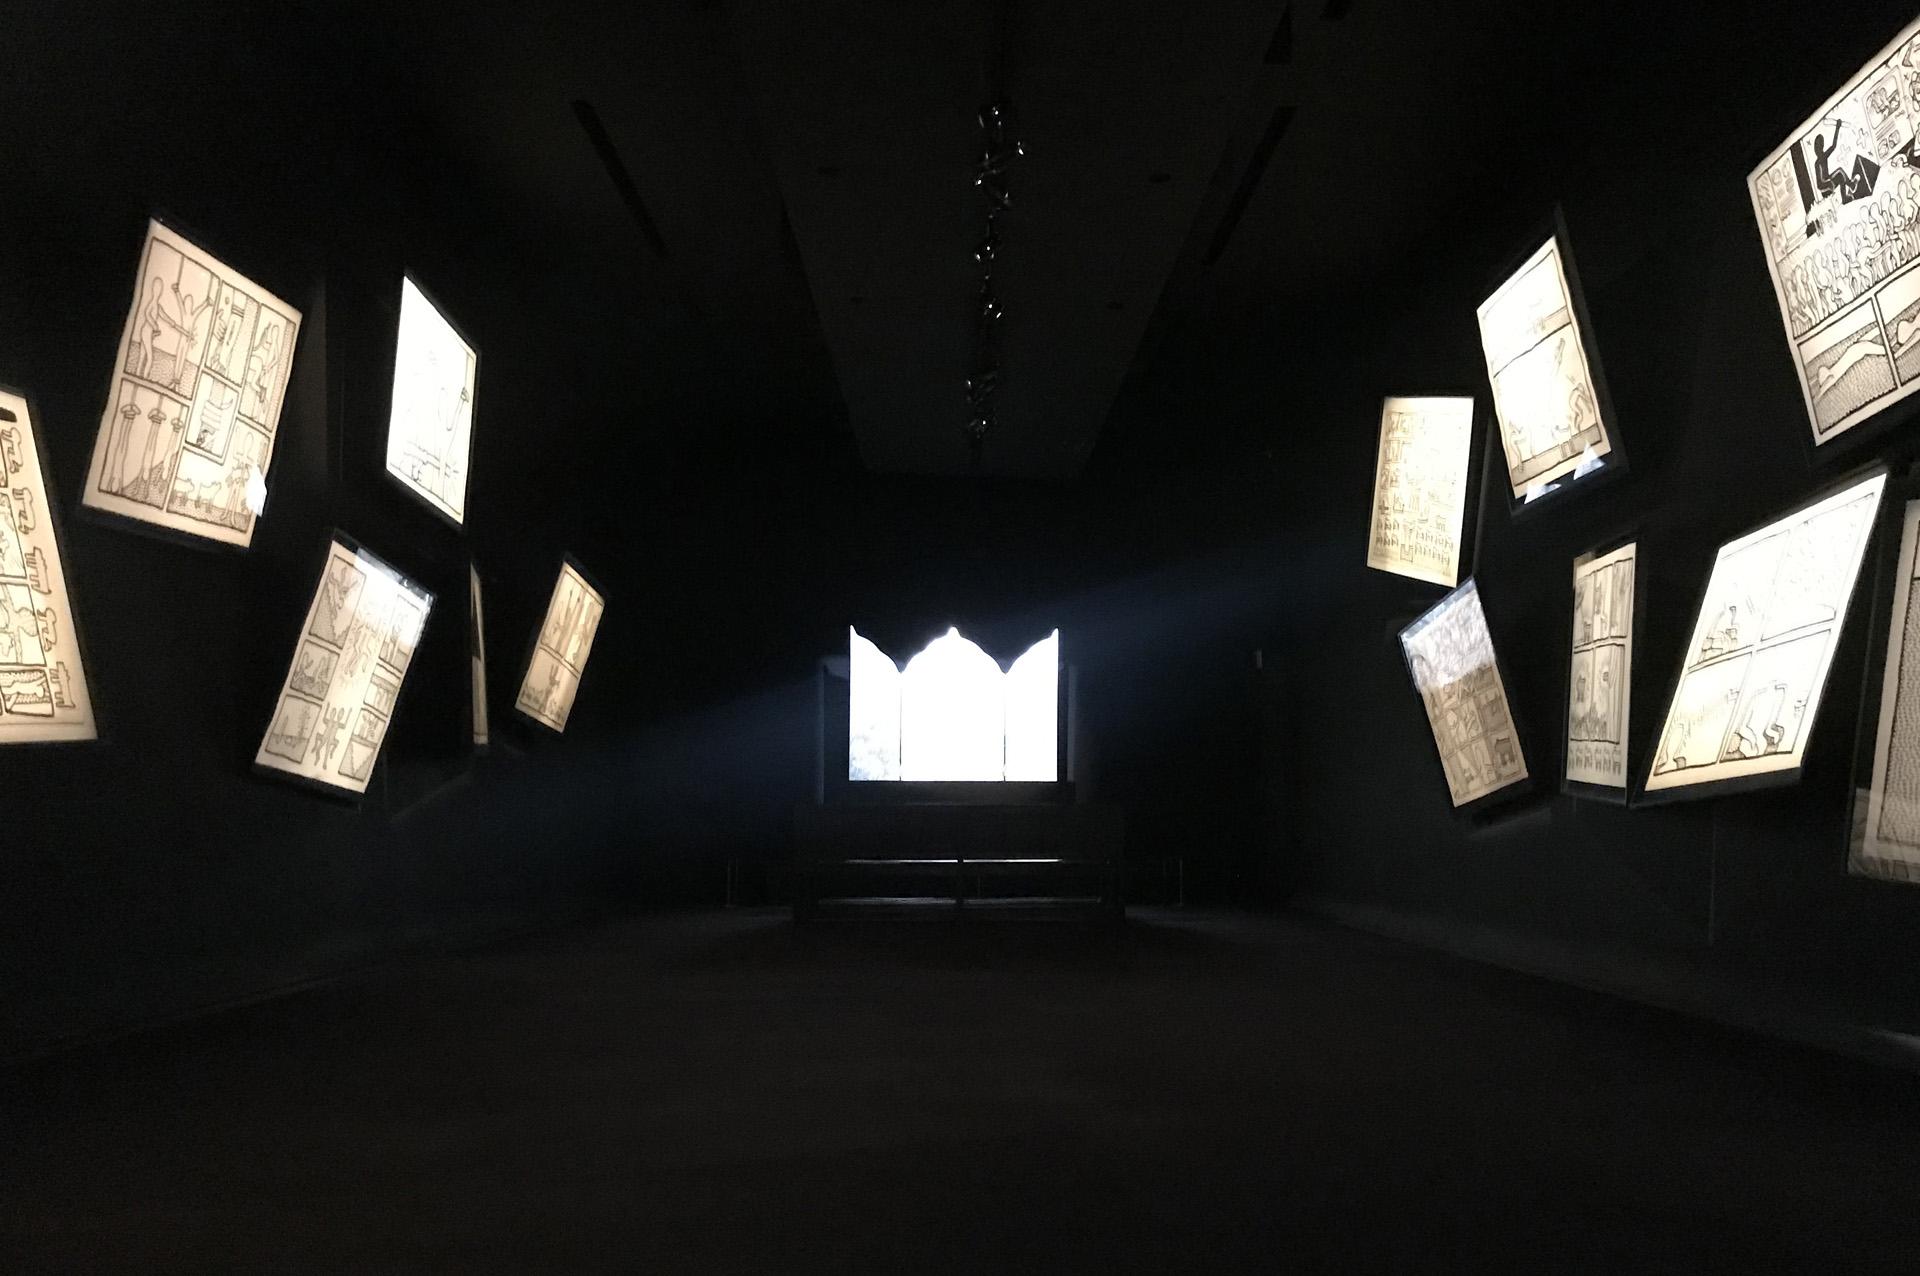 中村キース・へリング美術館 北杜市